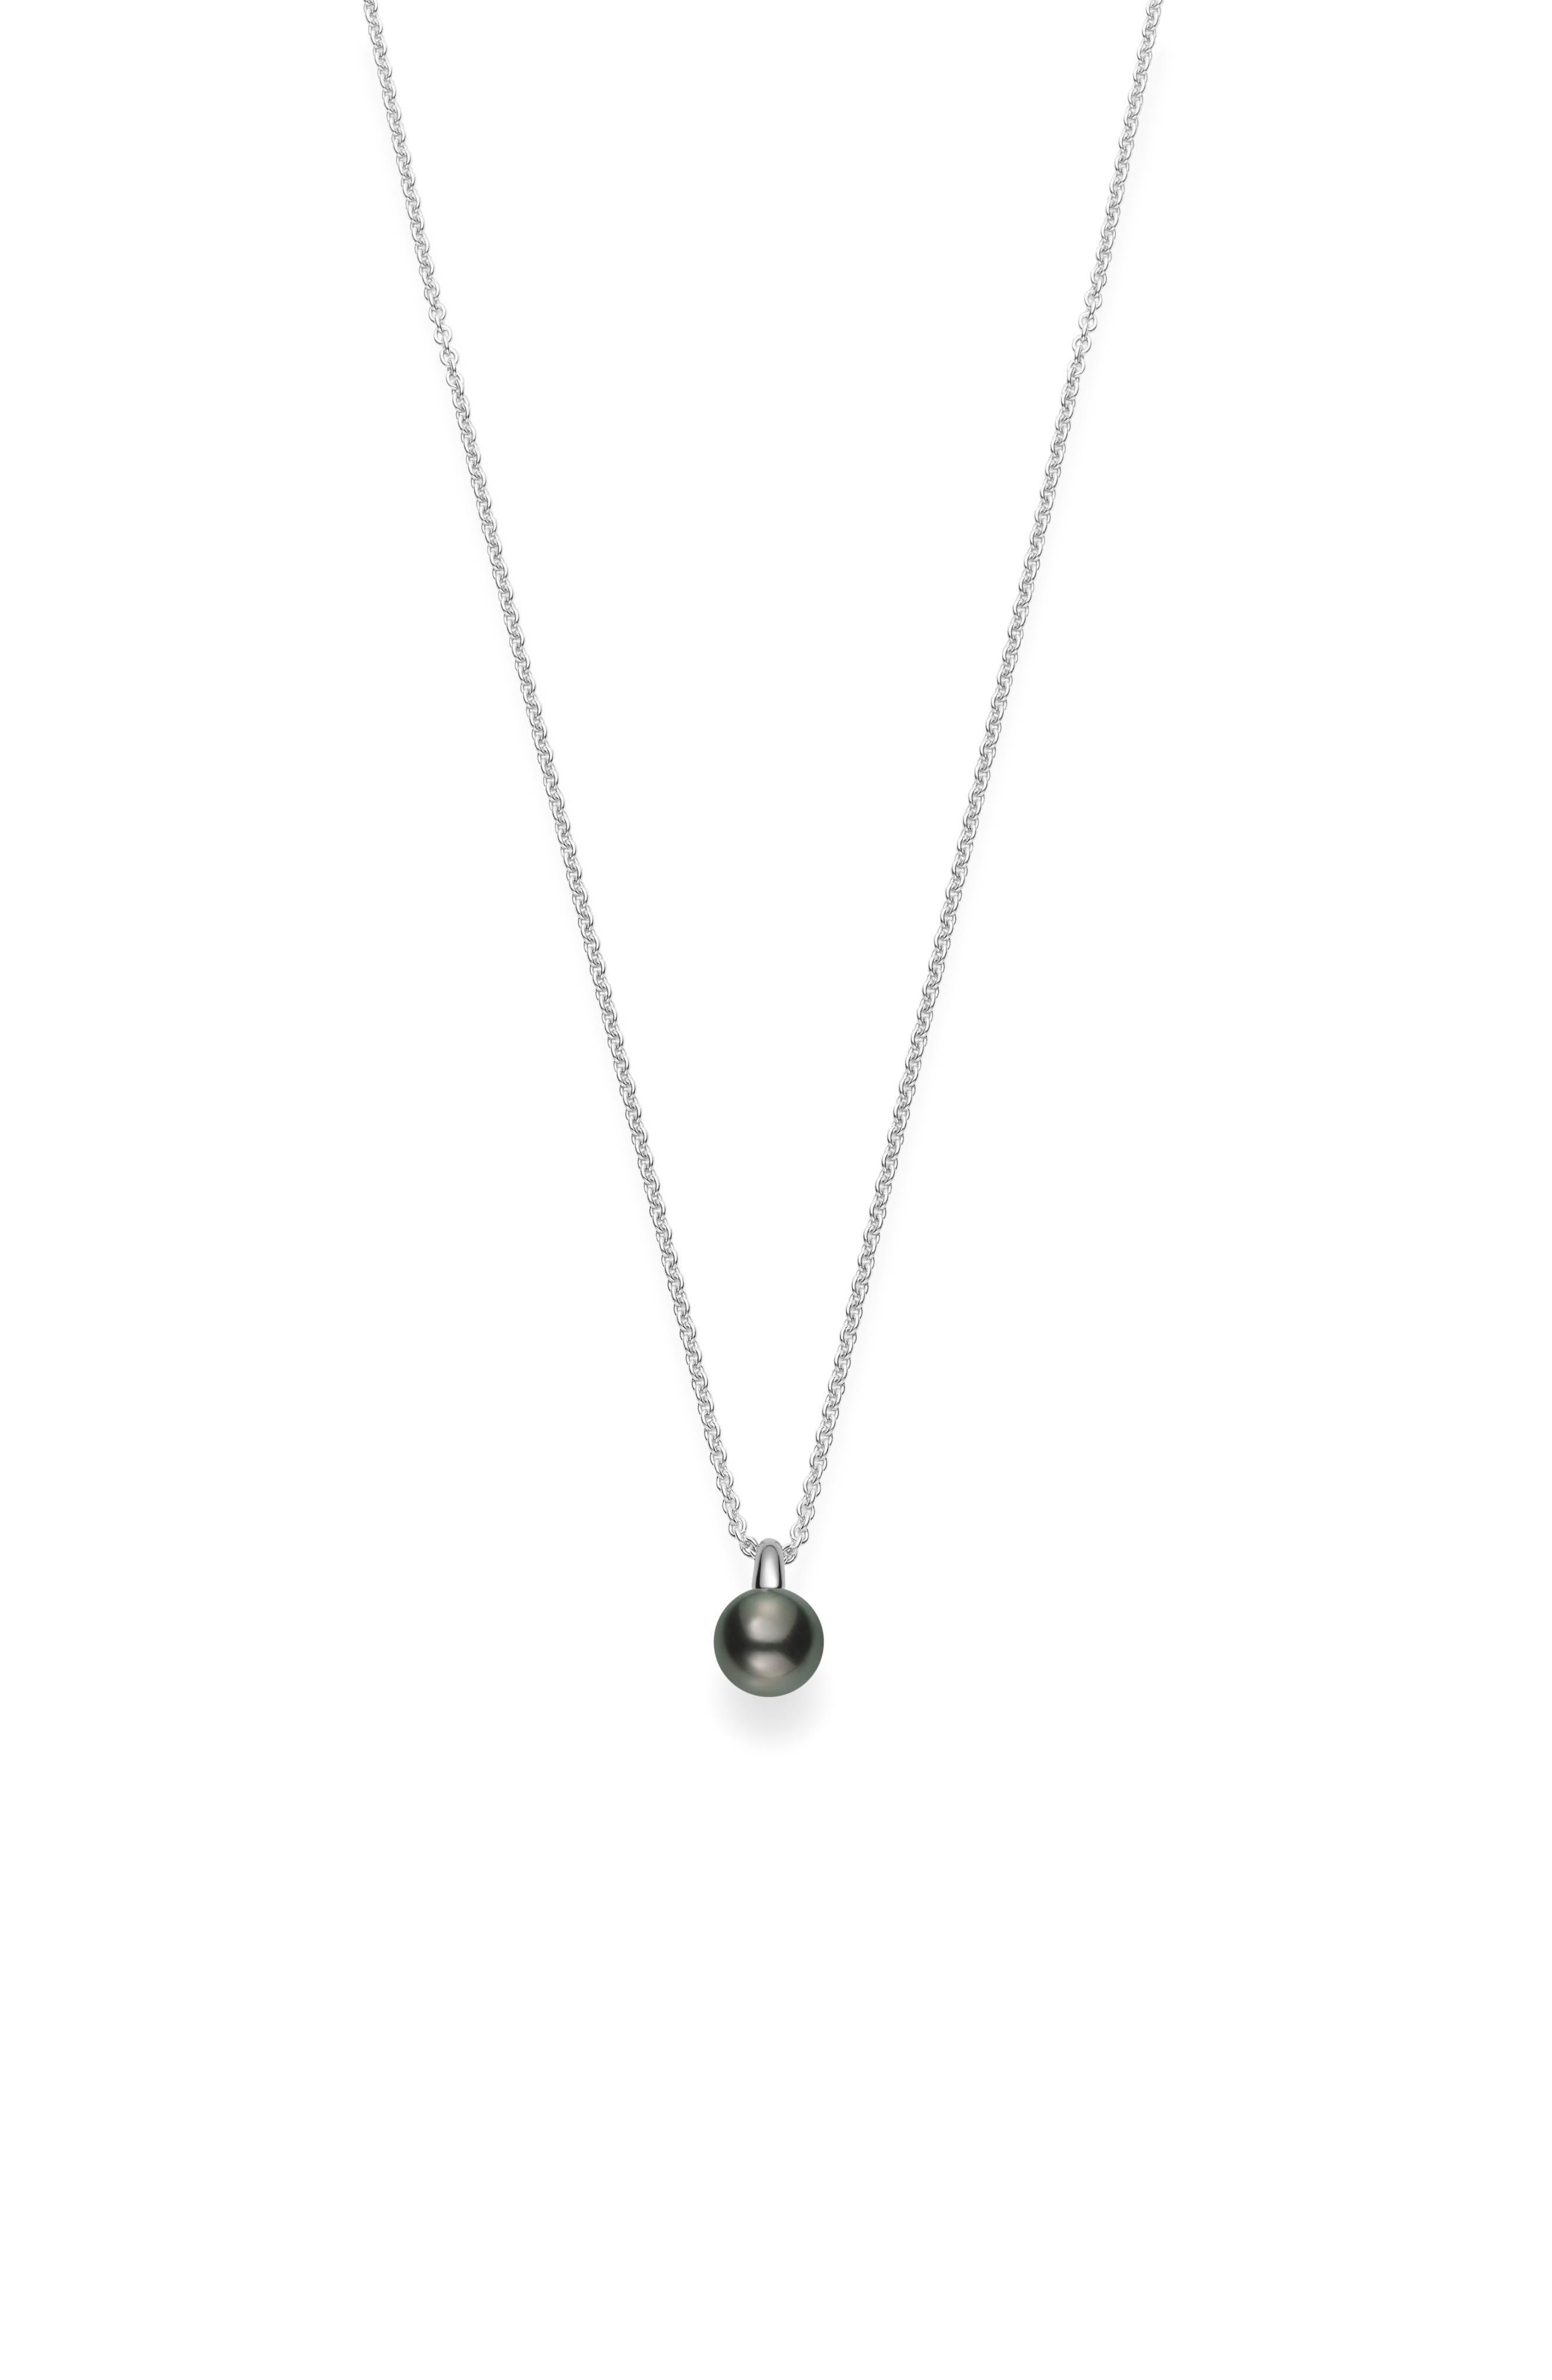 Mikimoto Classic Black Pearl Pendant Necklace